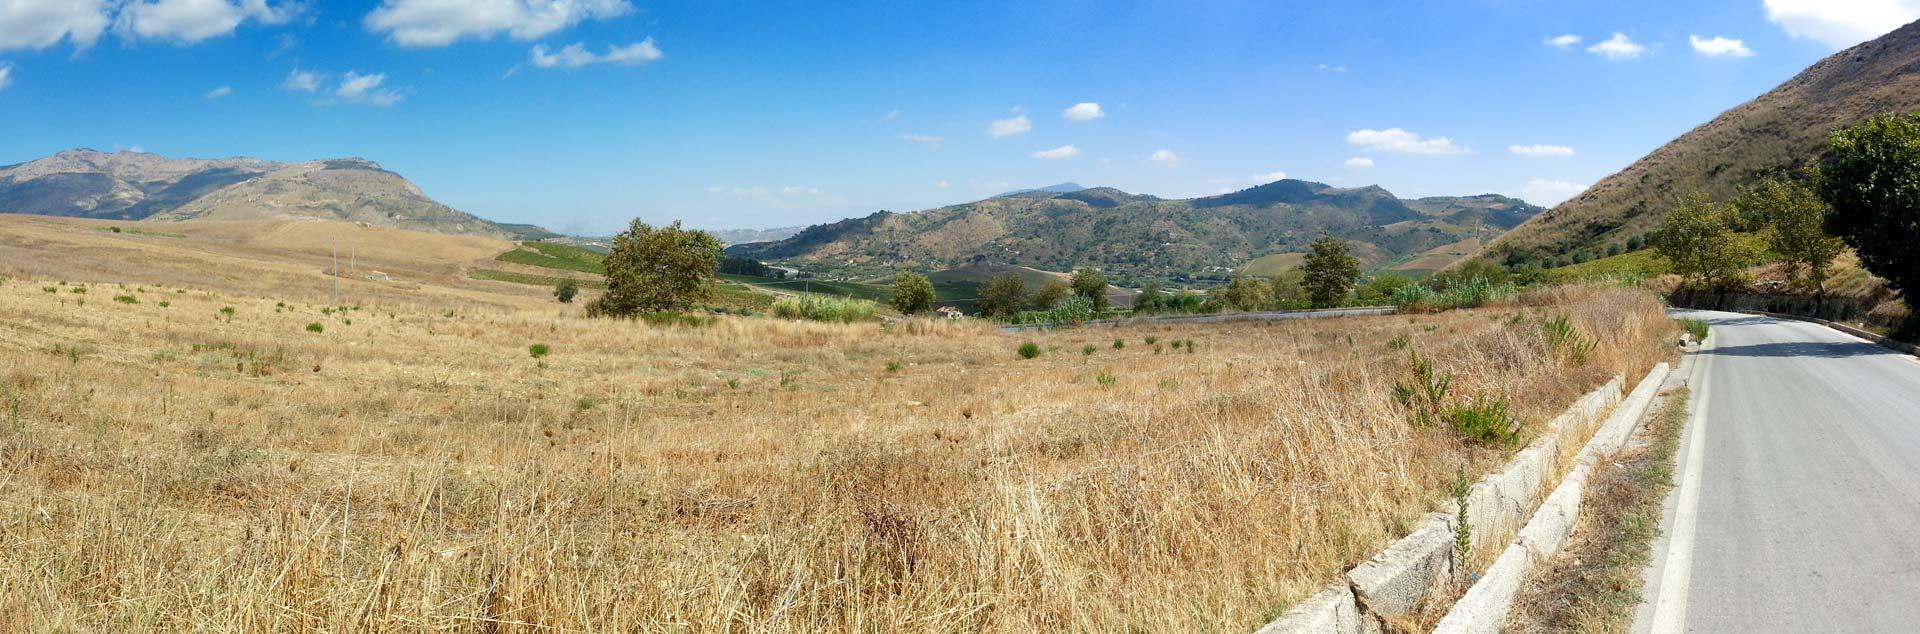 De omgeving bij Segesta in de provincie van Trapani (september 2014)